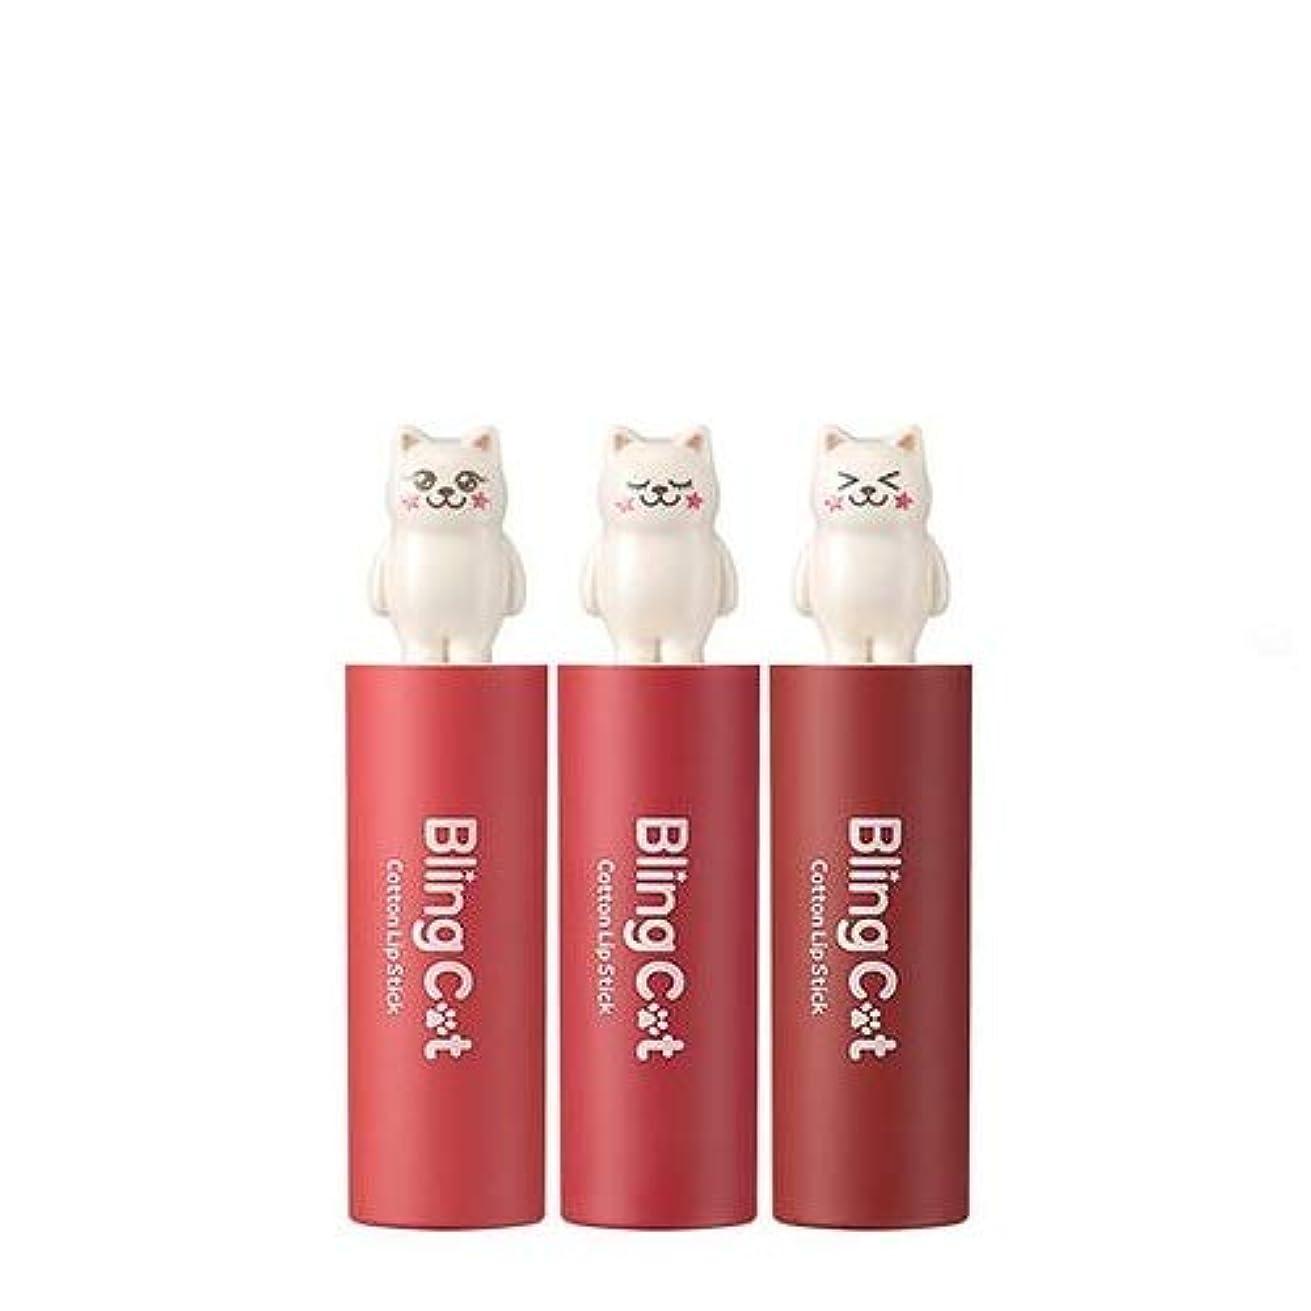 性能コールド関係ないトニーモリー ブリングキャット コットン リップスティック 3.4g / TONYMOLY Bling Cat Cotton Lipstick # 06. Chic Brick [並行輸入品]